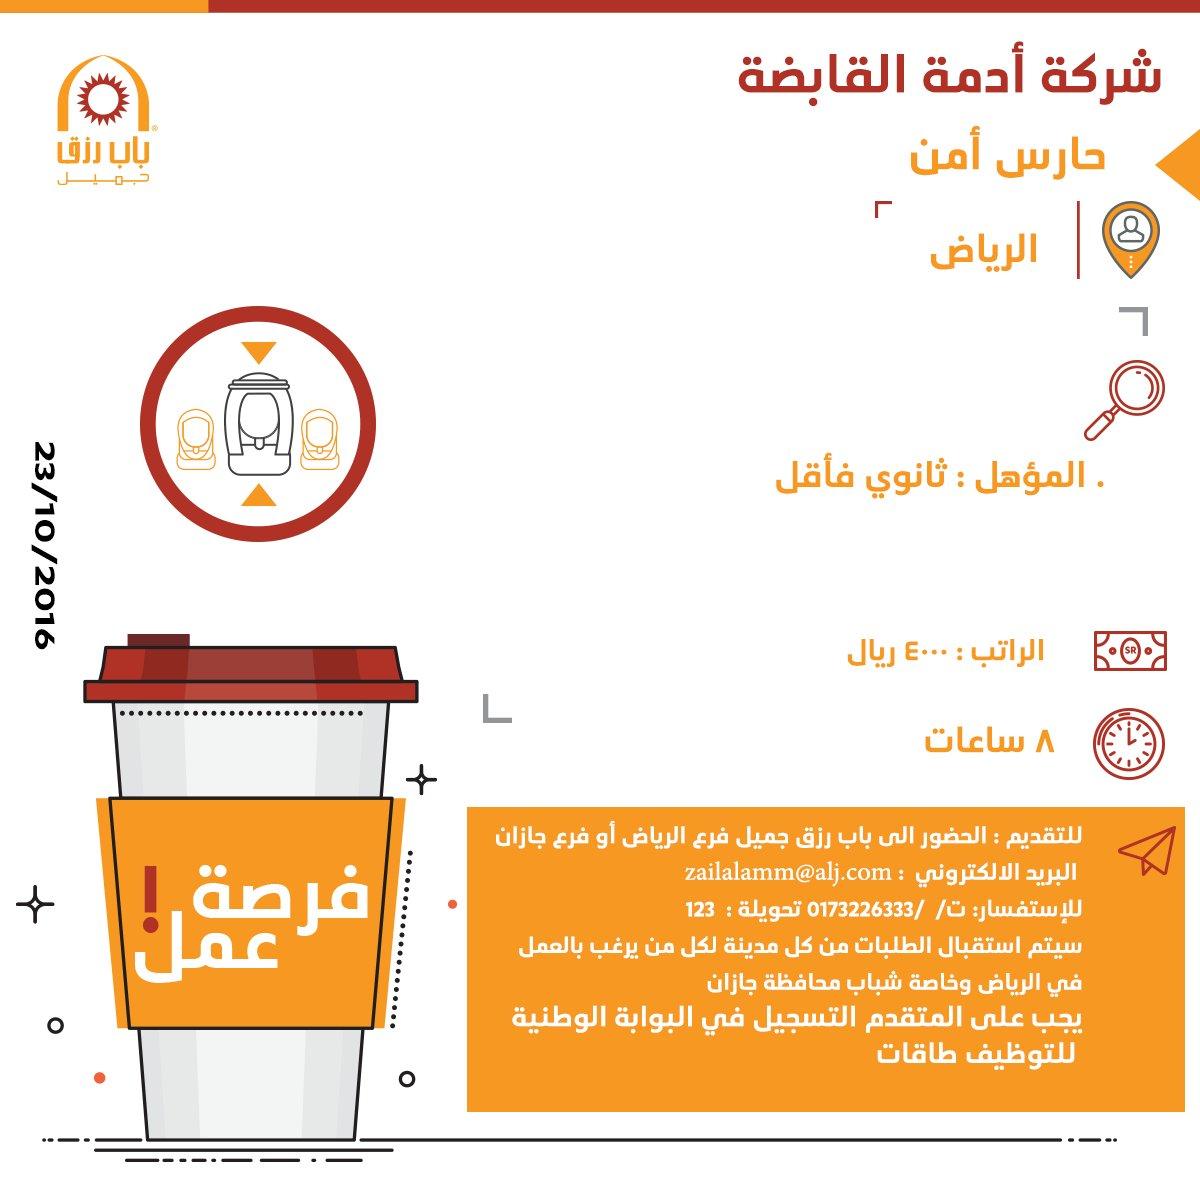 مطلوب حارس أمن لشركة أدمة القابضة - الرياض